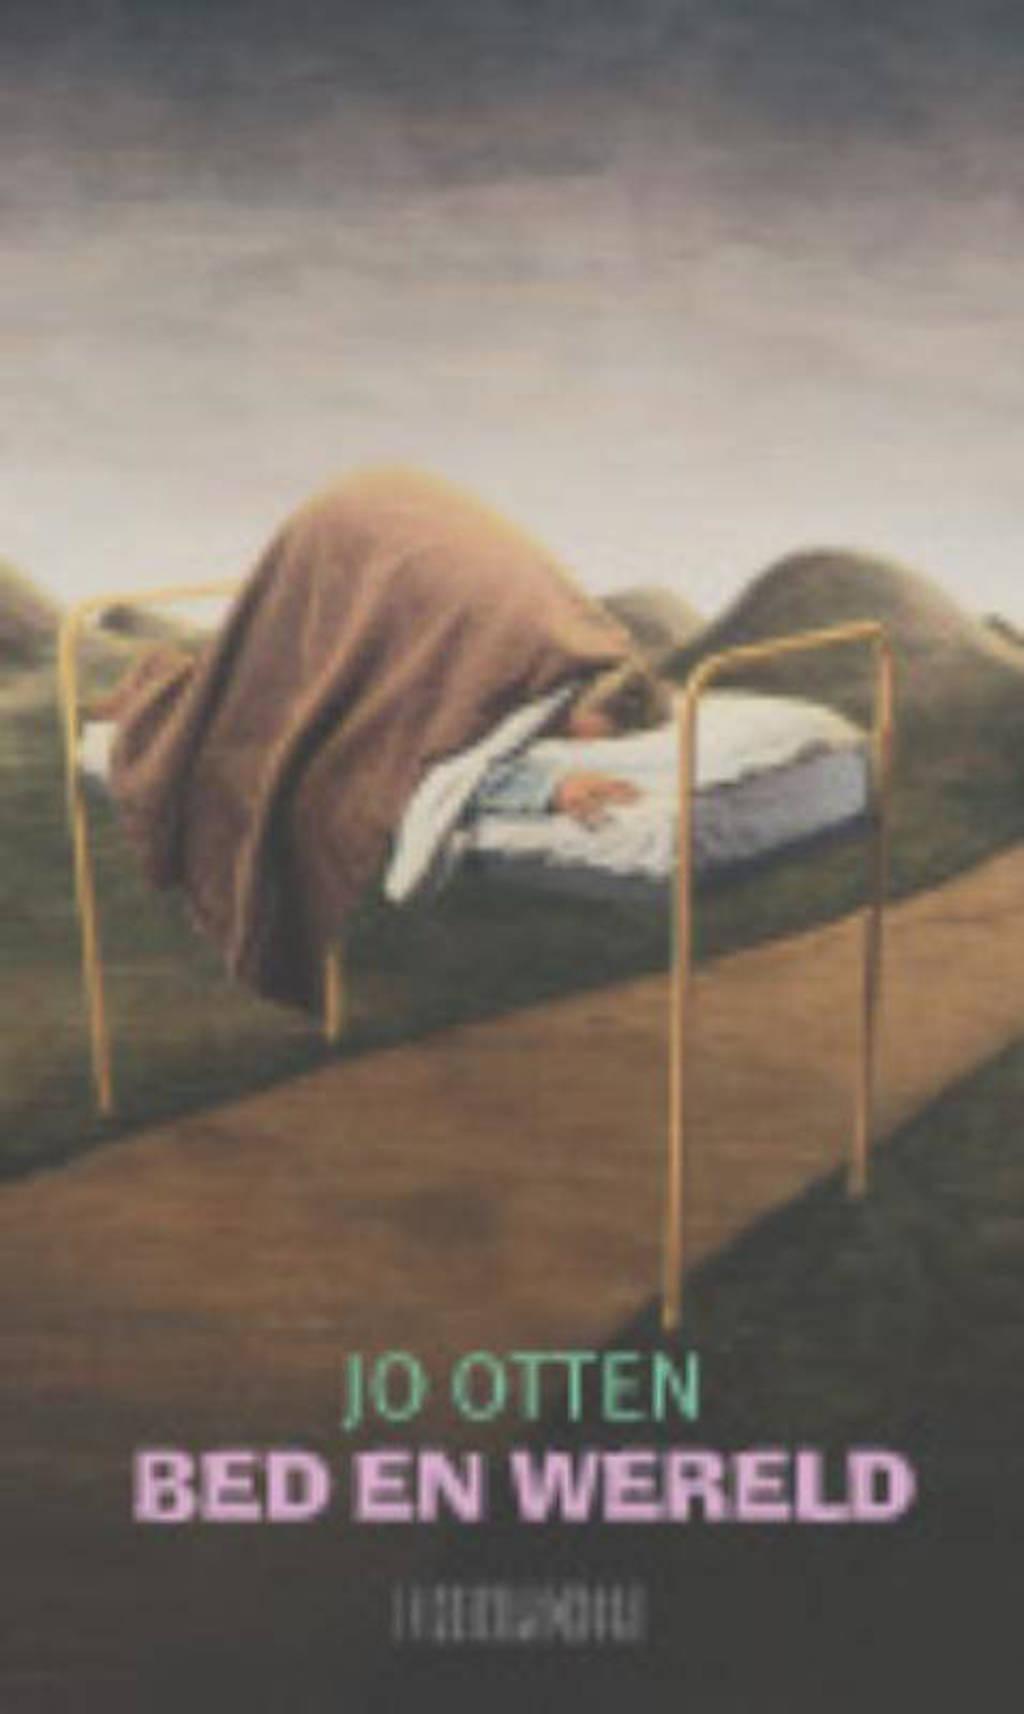 Bed en wereld - Jo Otten